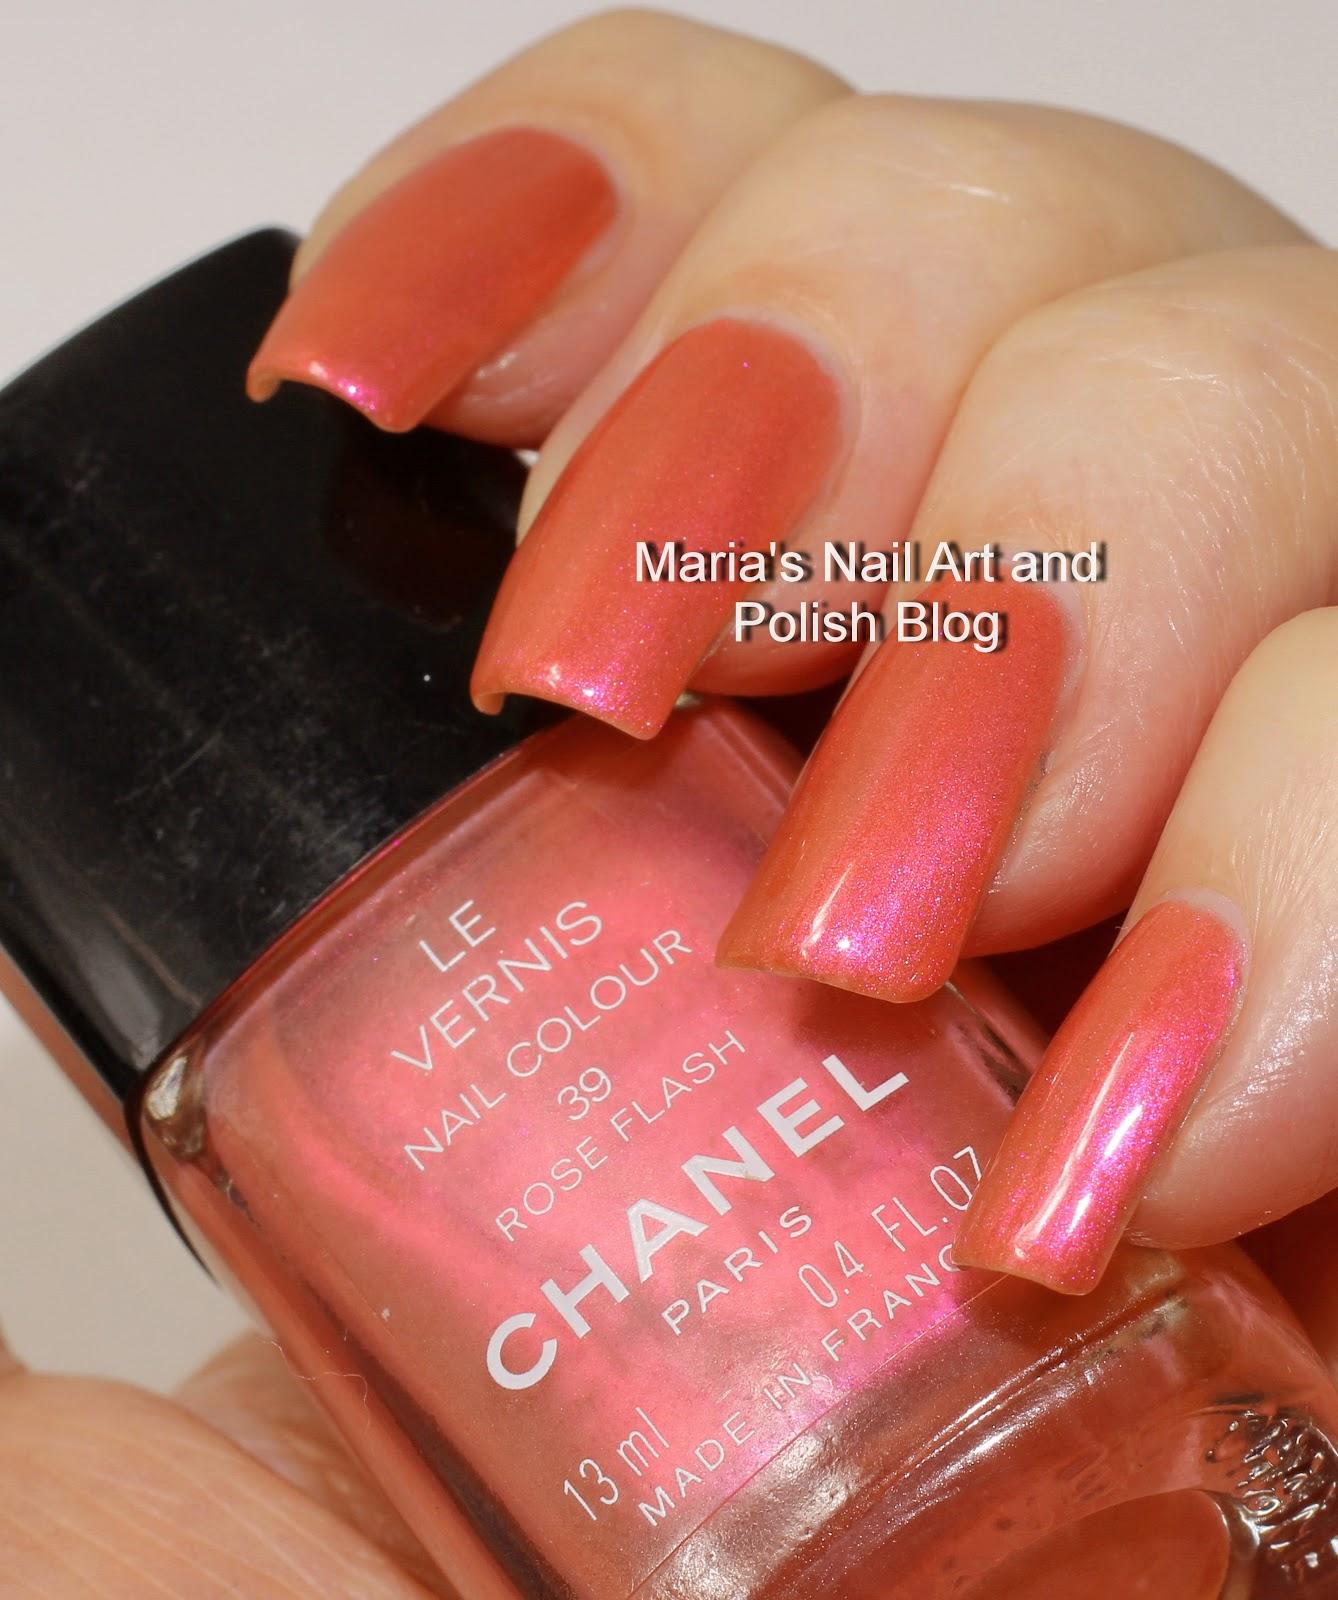 Marias nail art and polish blog chanel rose flash swatches chanel rose flash swatches vintage collaboration saturday prinsesfo Gallery